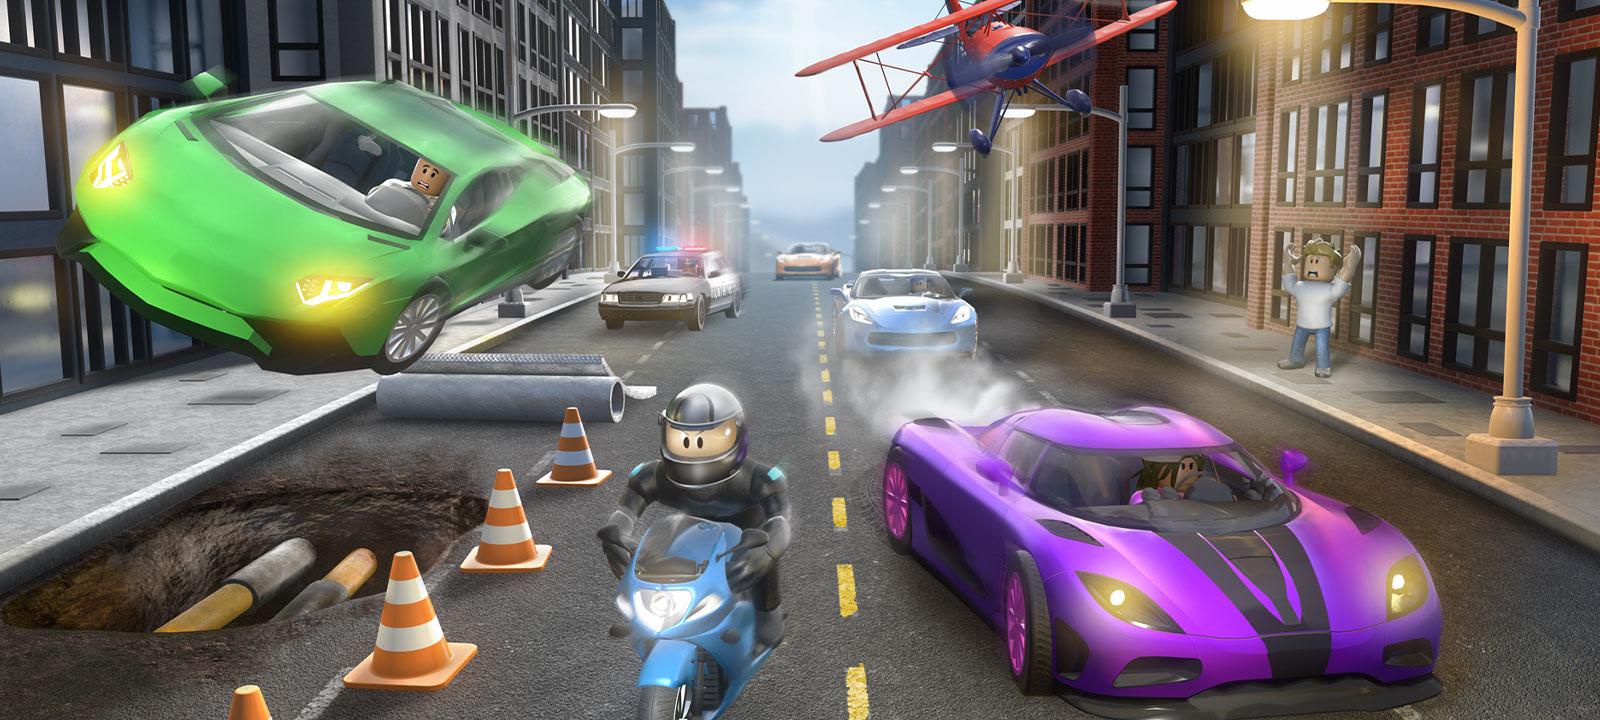 Personaje de Roblox Vehicle Simulator en una motocicleta, perseguido por otros vehículos en una calle de la ciudad